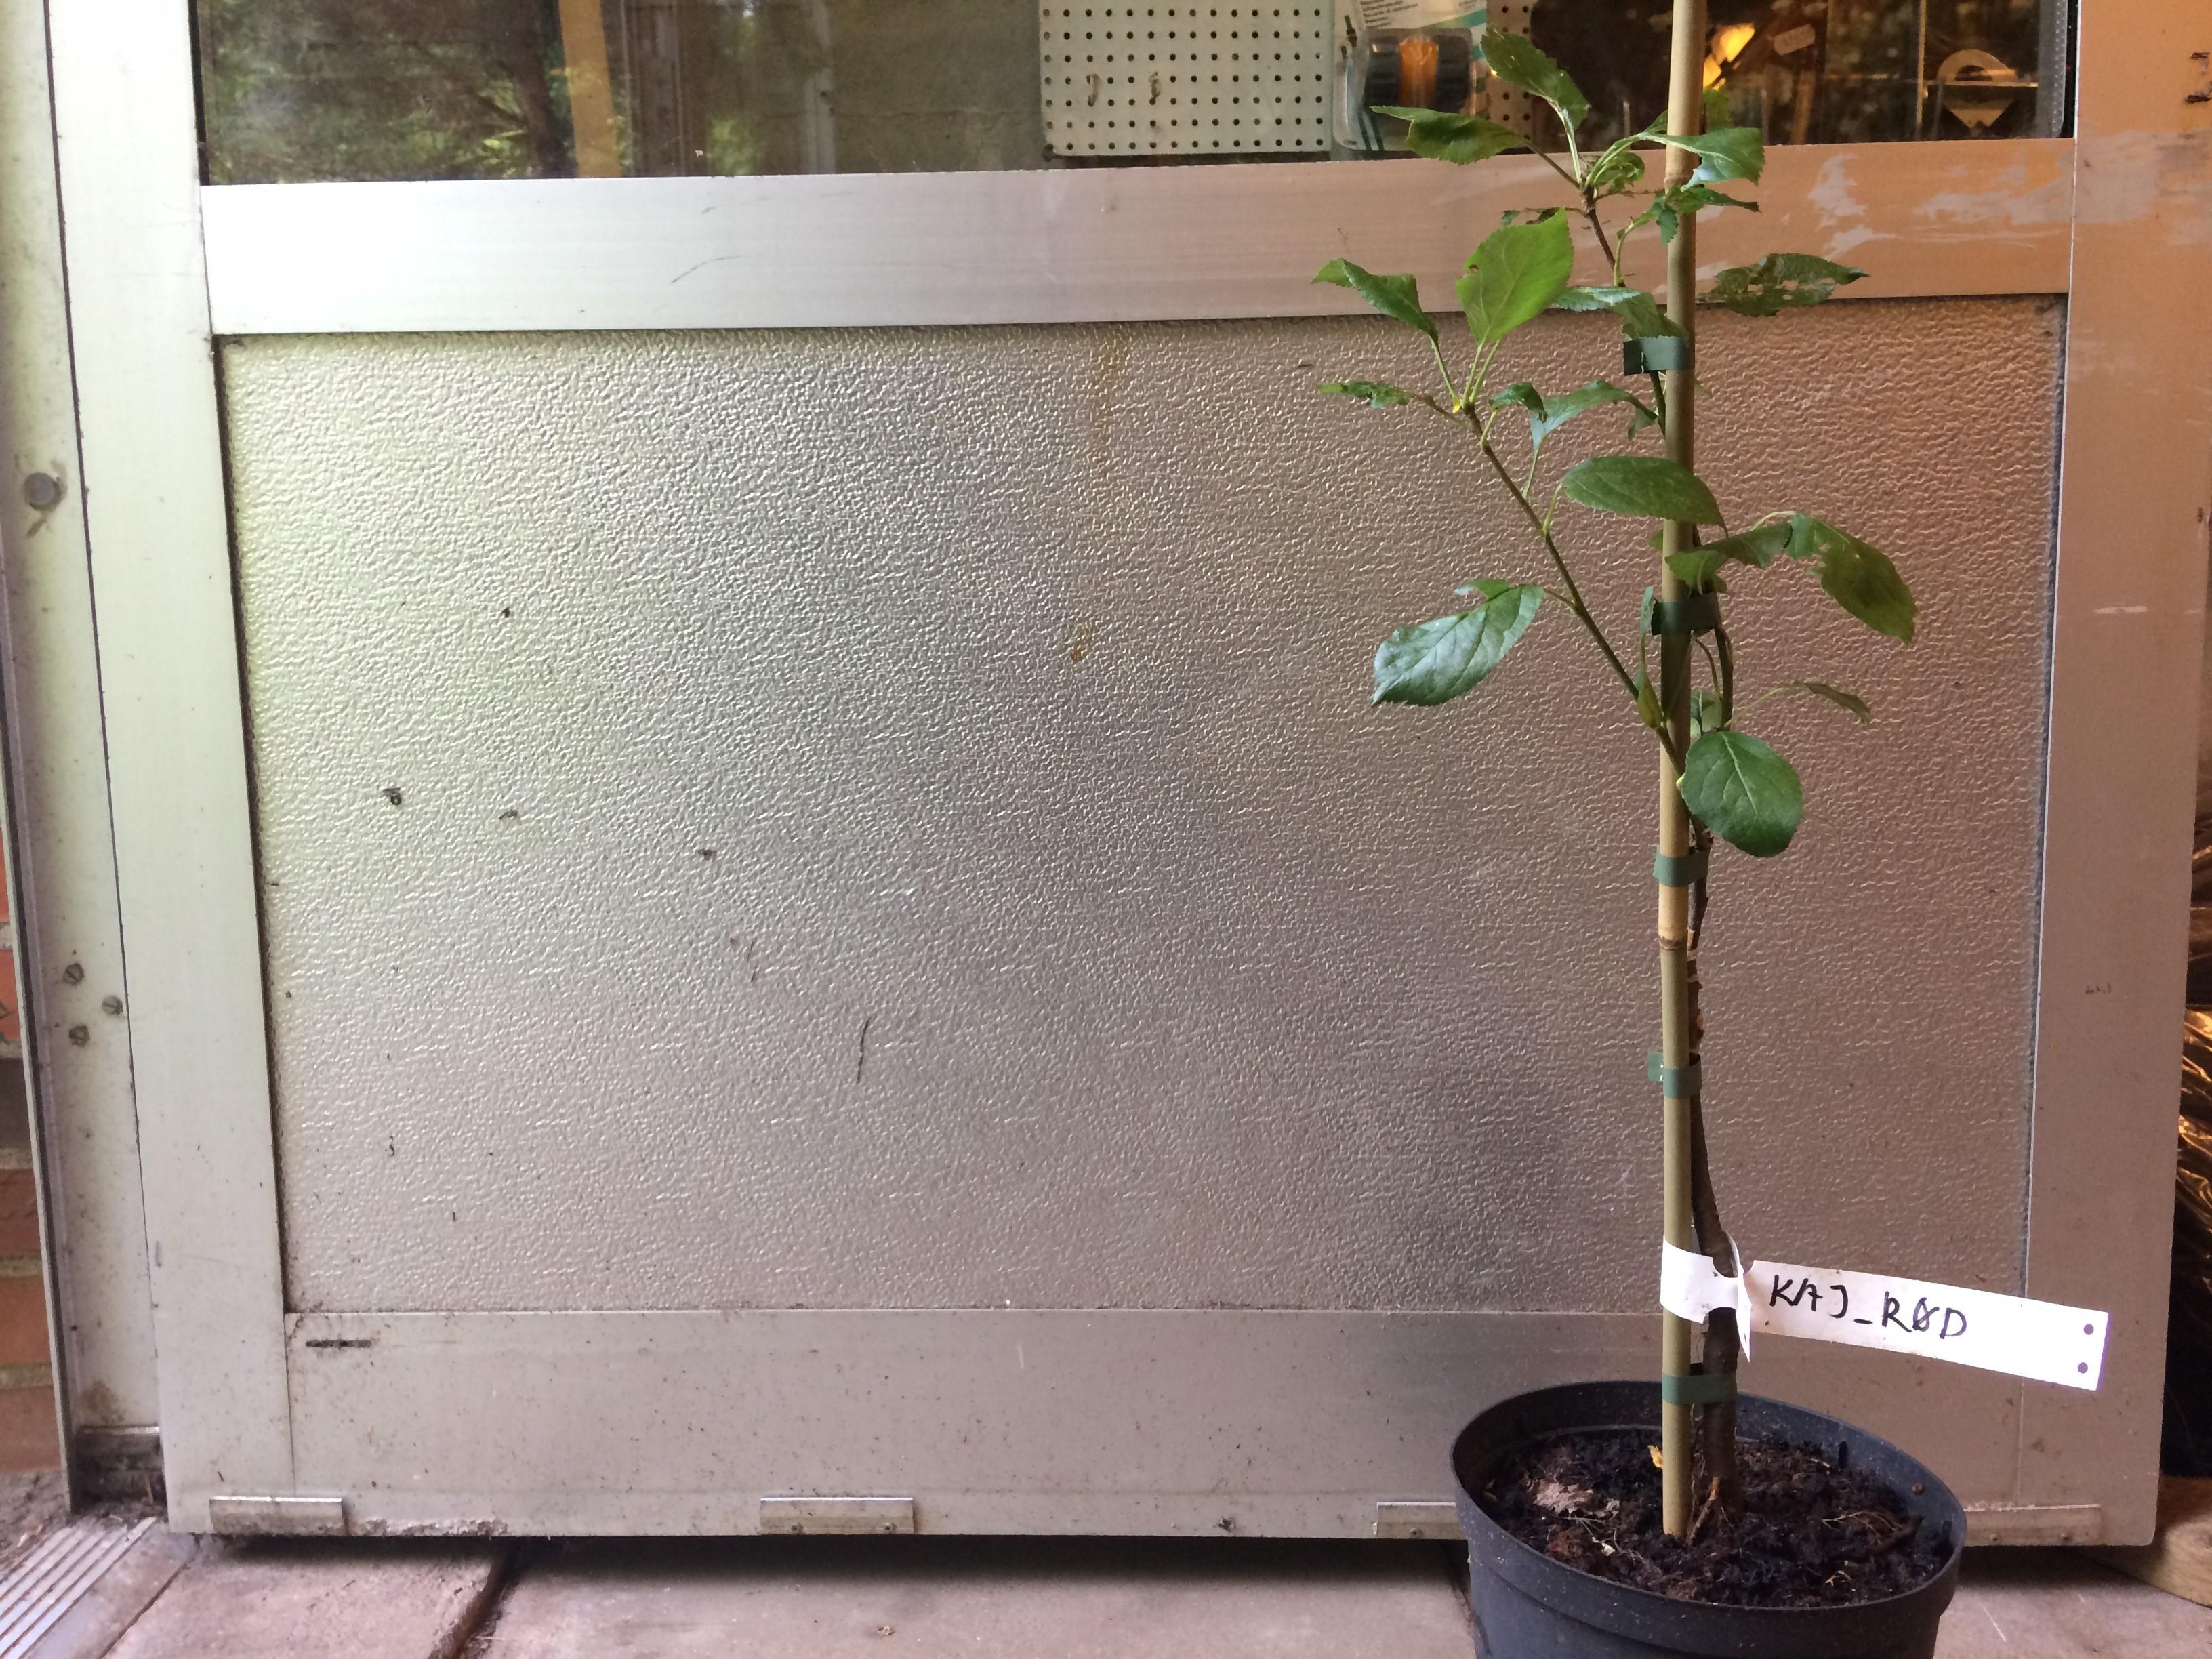 kajtræ